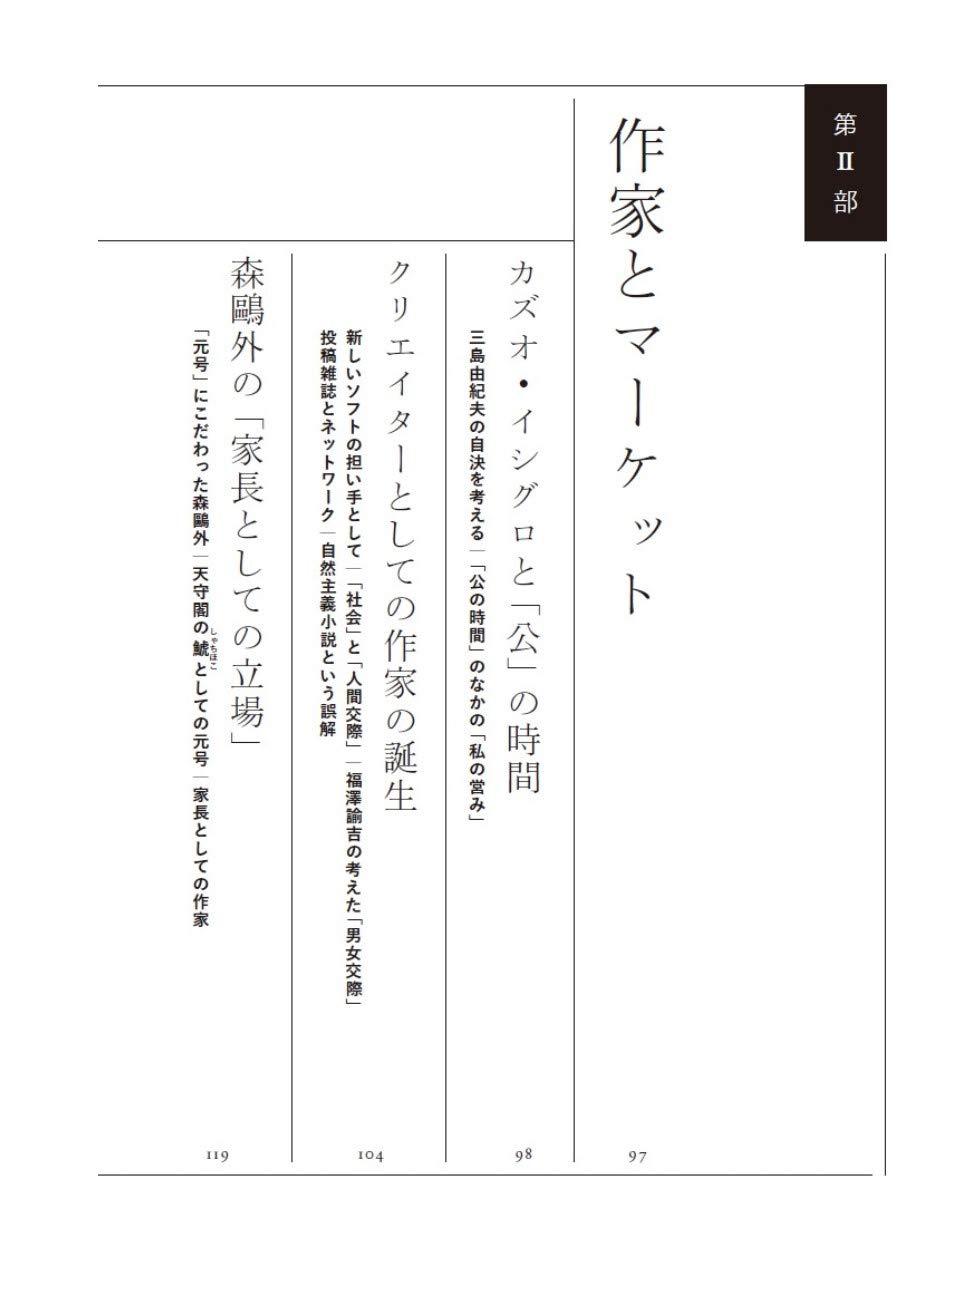 公〈おおやけ〉 日本国・意思決定のマネジメントを問う | 猪瀬直樹 |本 ...